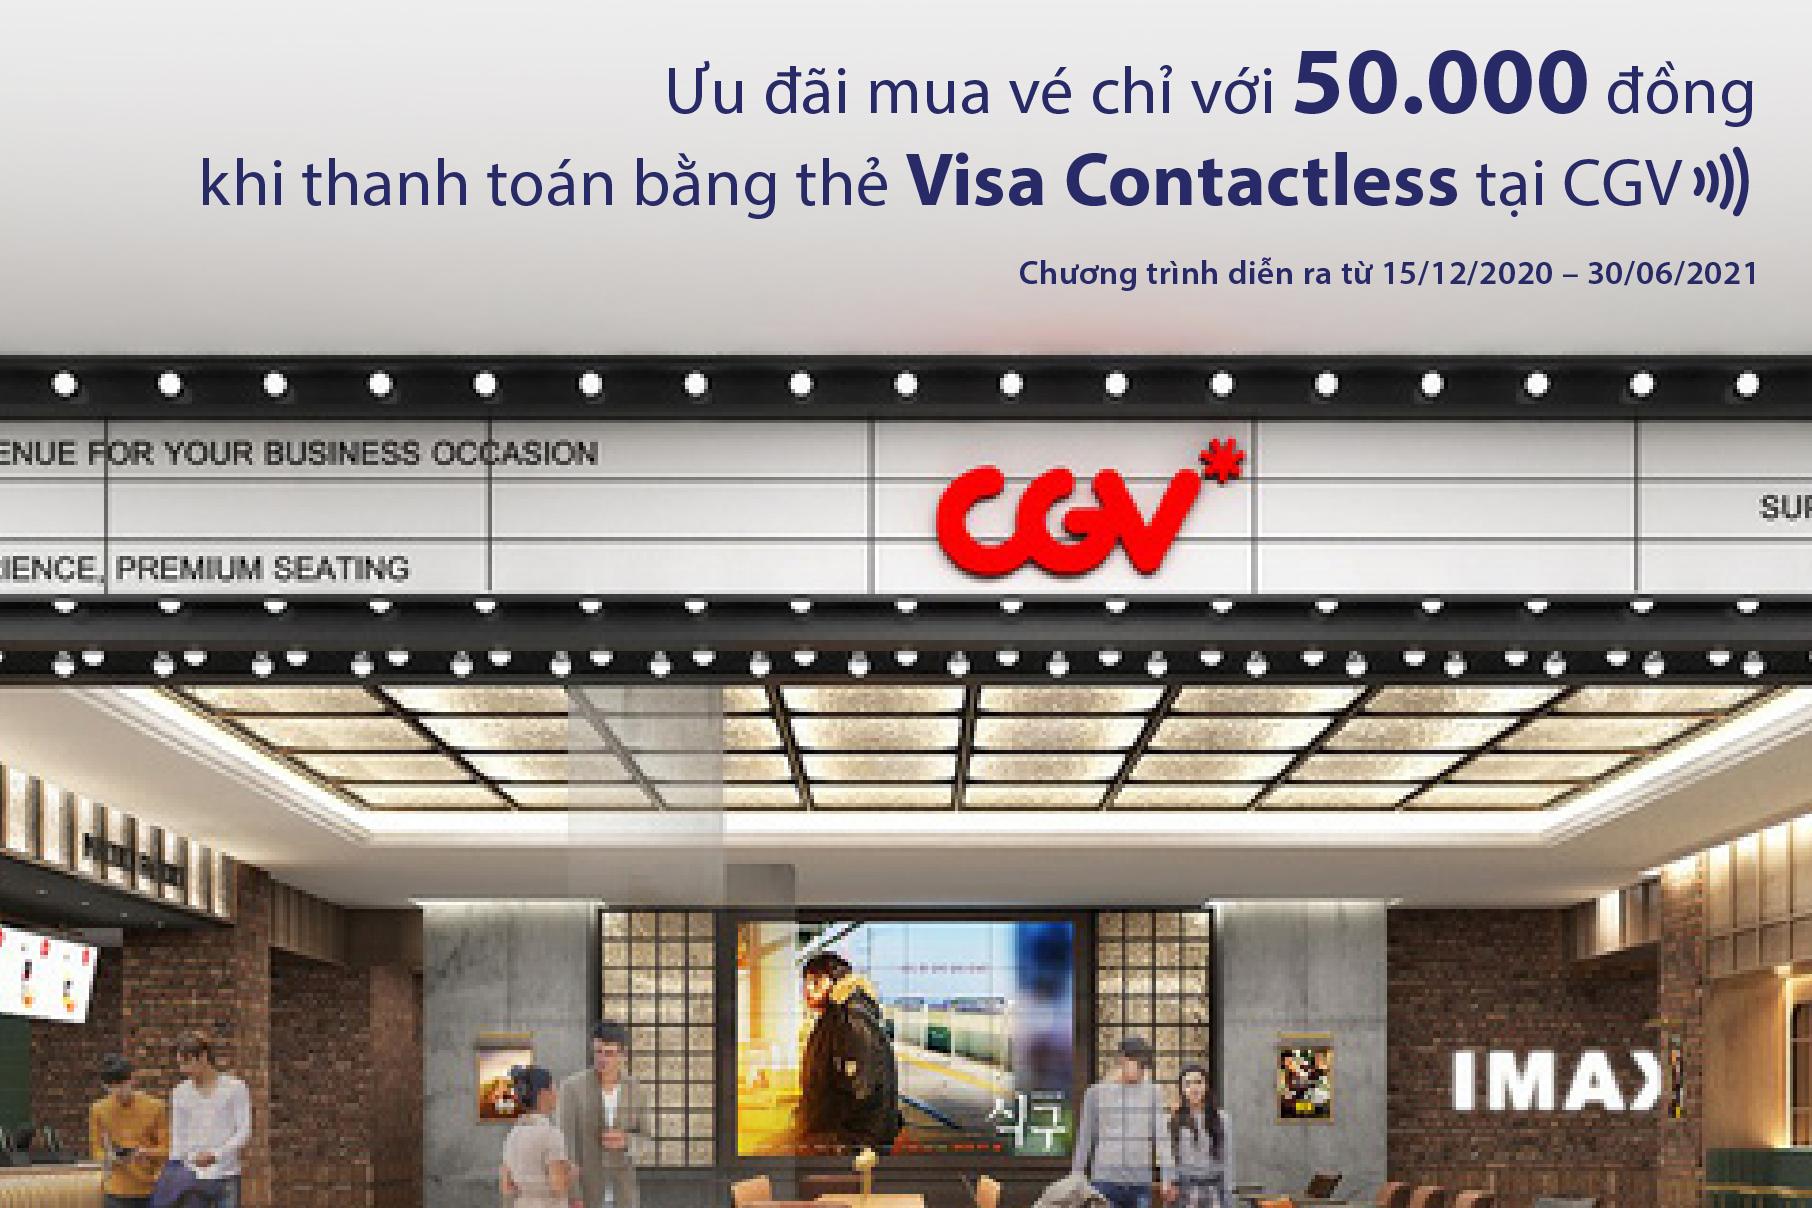 Ưu đãi mua vé chỉ với 50.000đ khi thanh toán bằng thẻ Visa Contactless